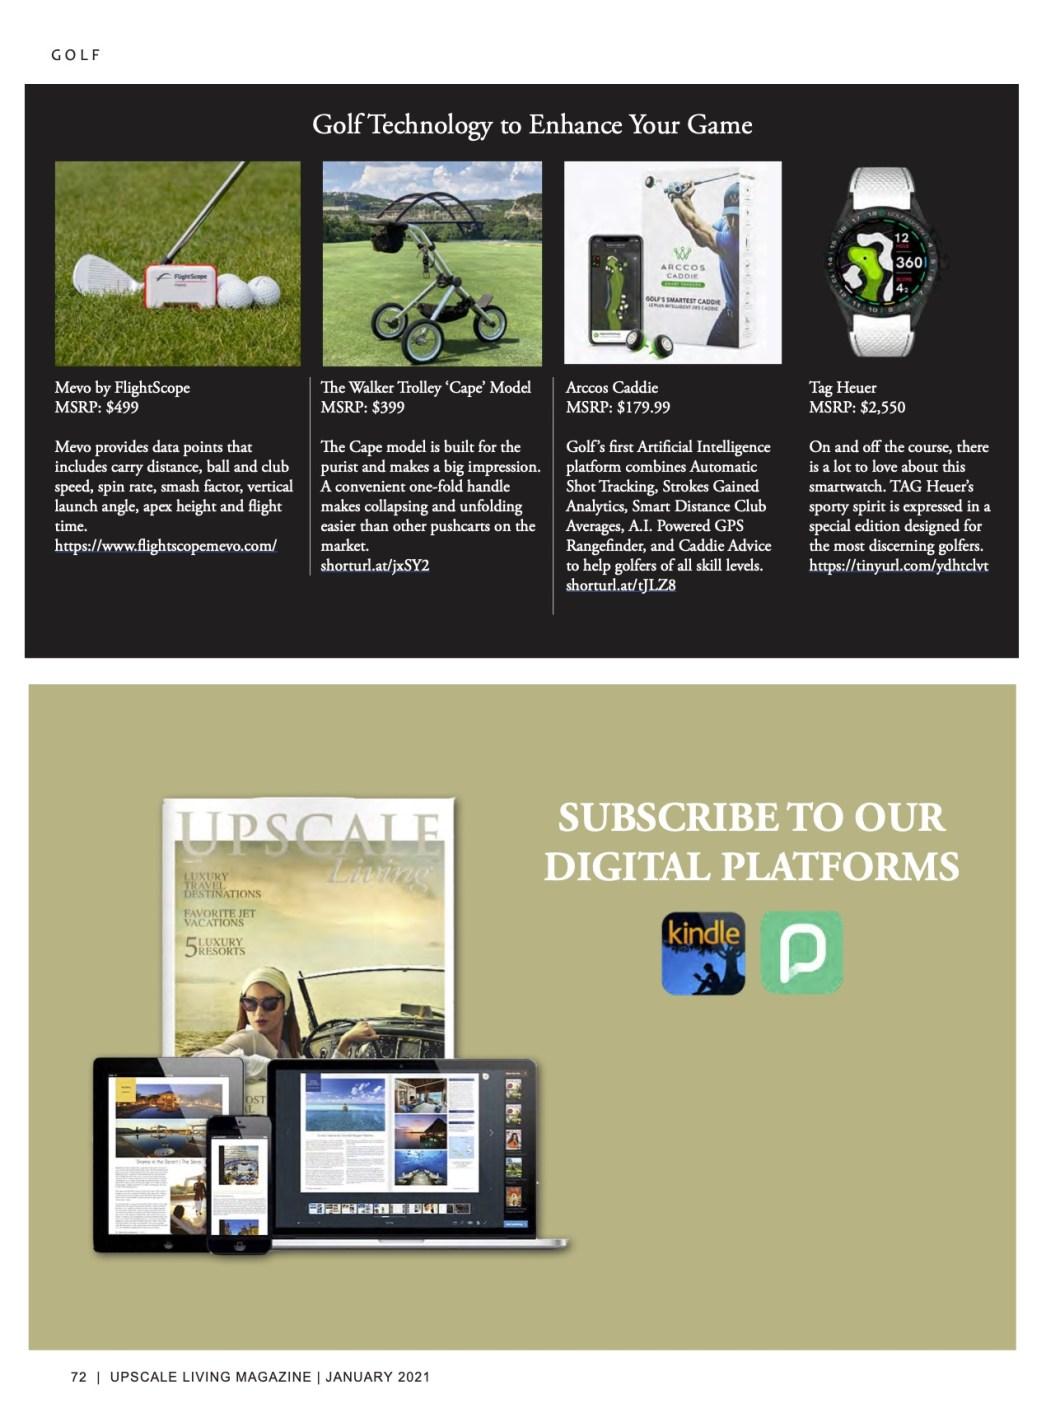 Damon M. Banks - Damon Banks - Freelance Writer - Magazine Feature - Golf Writer - Travel Writer - Copywriter - Copyeditor -